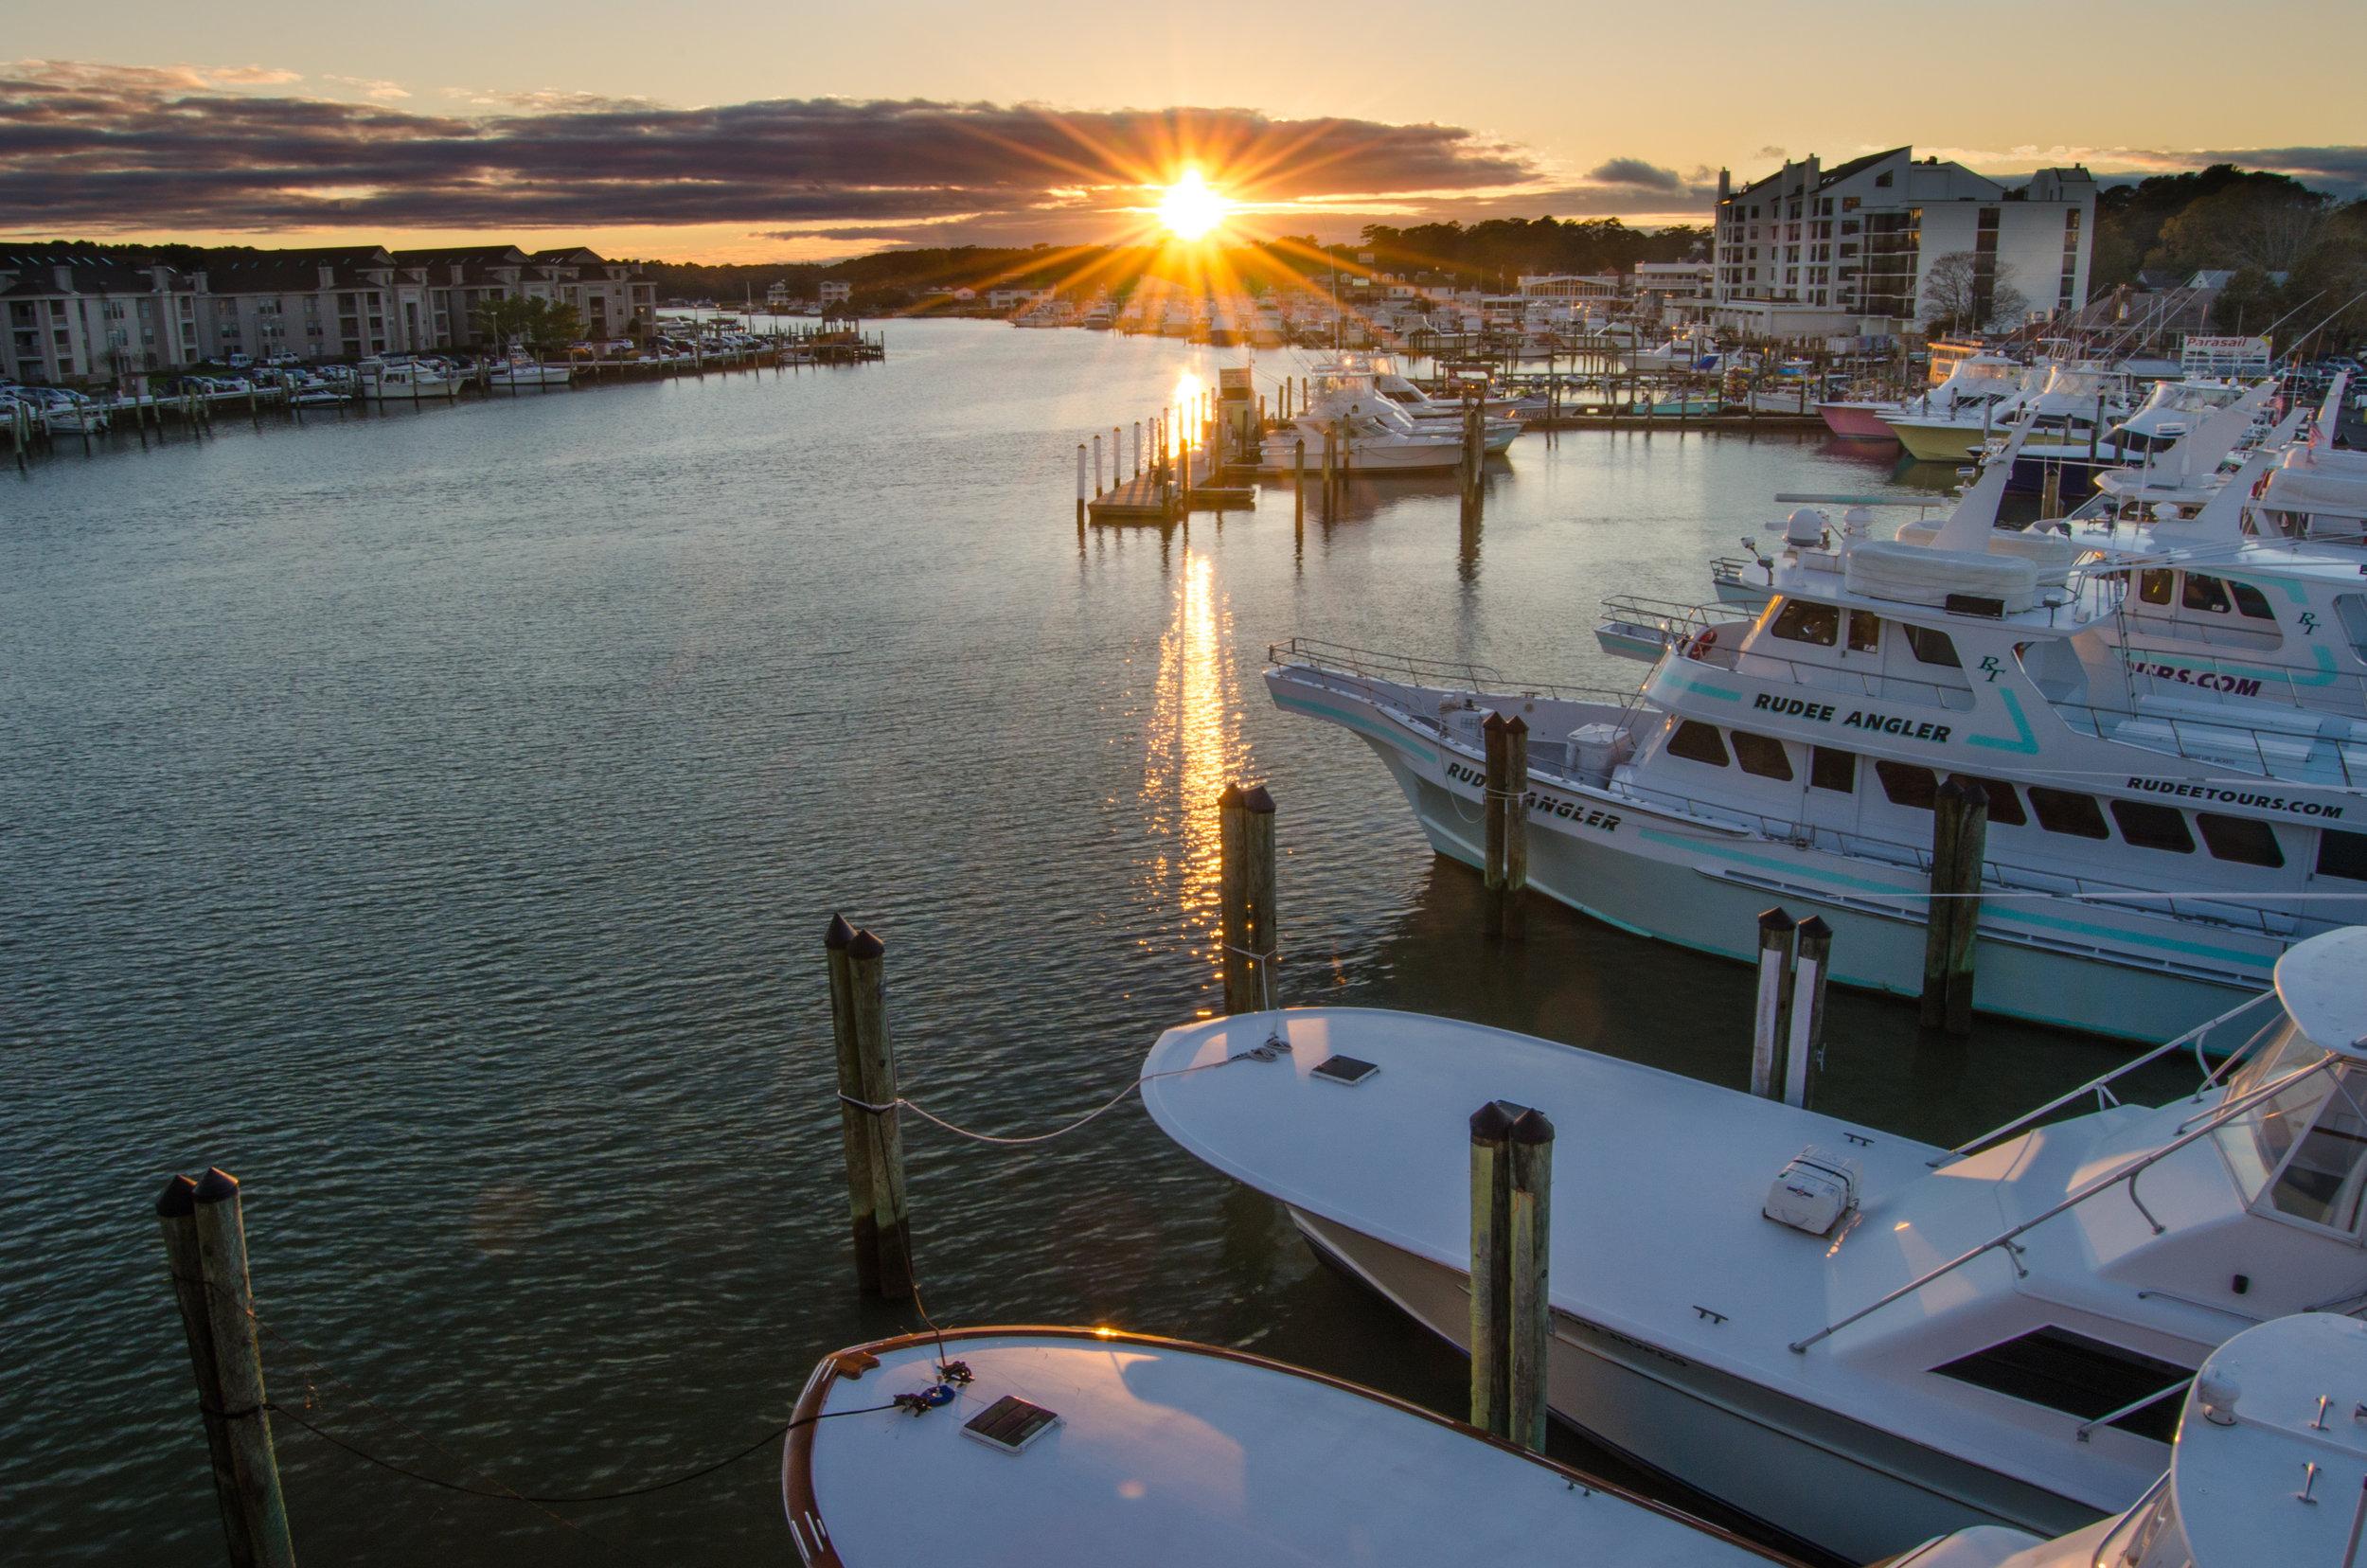 Sunset over boats at Rudee Inlet Marina in Virginia Beach, Virginia  - sun flare.jpg